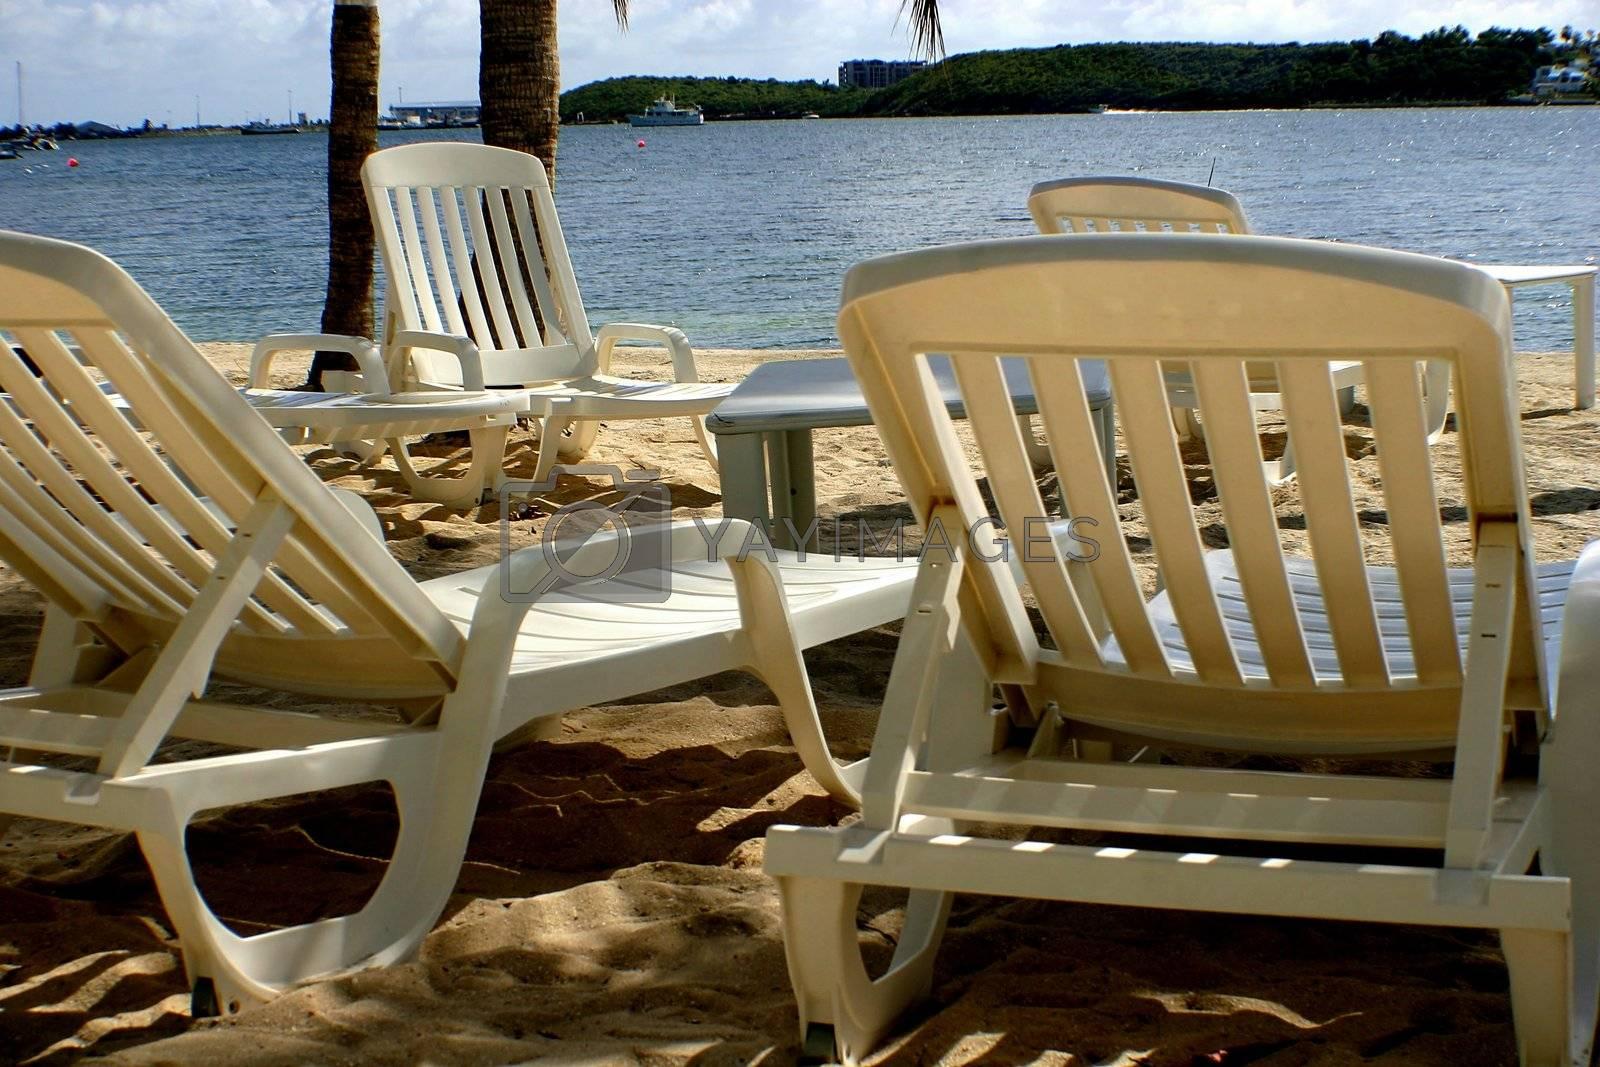 Beach lounge chairs under tropical sun